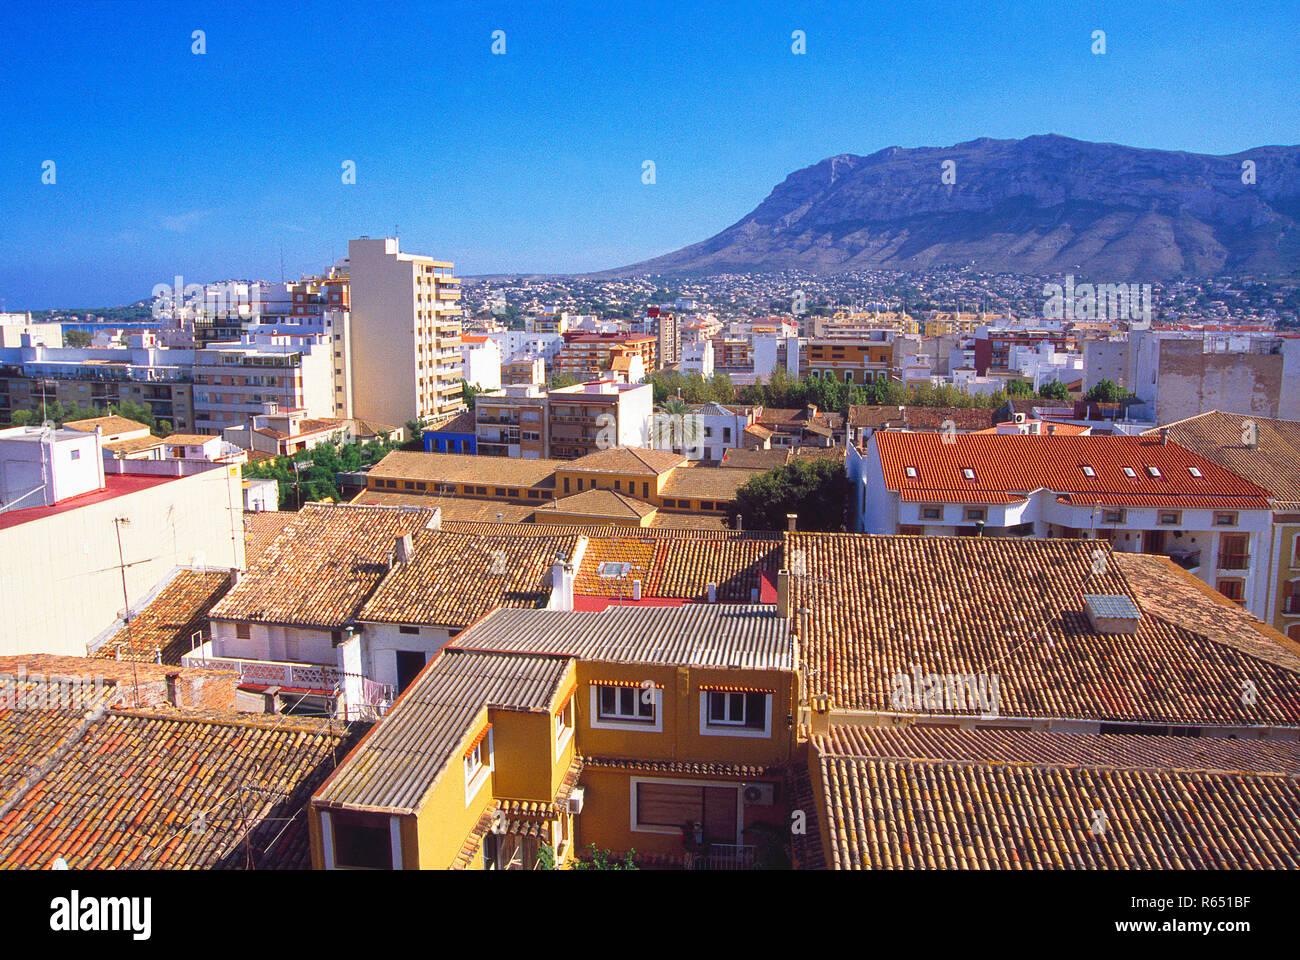 Überblick über die Stadt von der Burg. Denia, Alicante, Comunidad Valenciana, Spanien. Stockbild